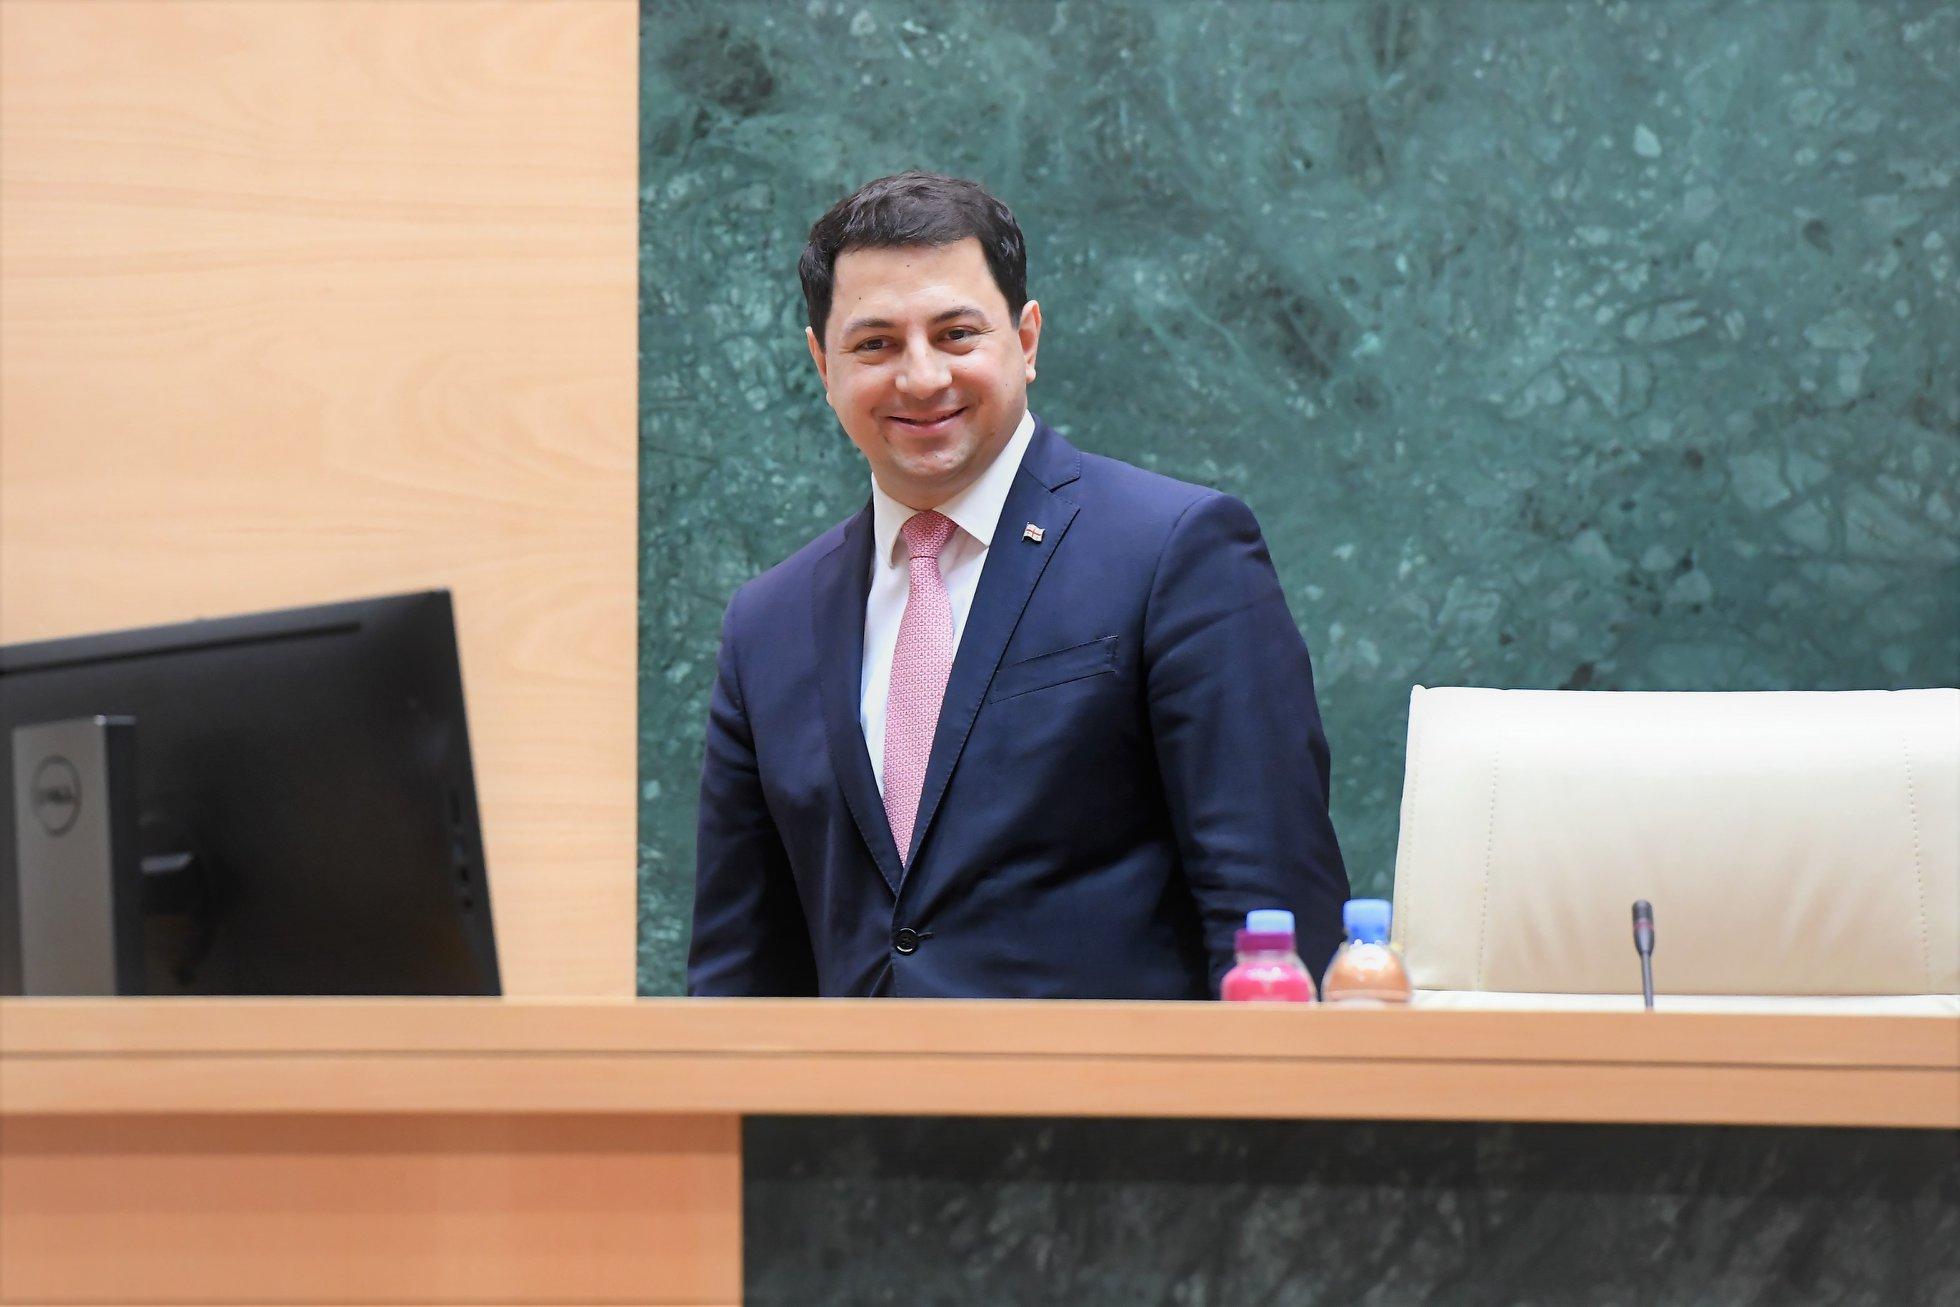 Archil Talakvadze 3 #новости Арчил Талаквадзе, Грузия, Кахетия, Международный оливковый совет, оливки